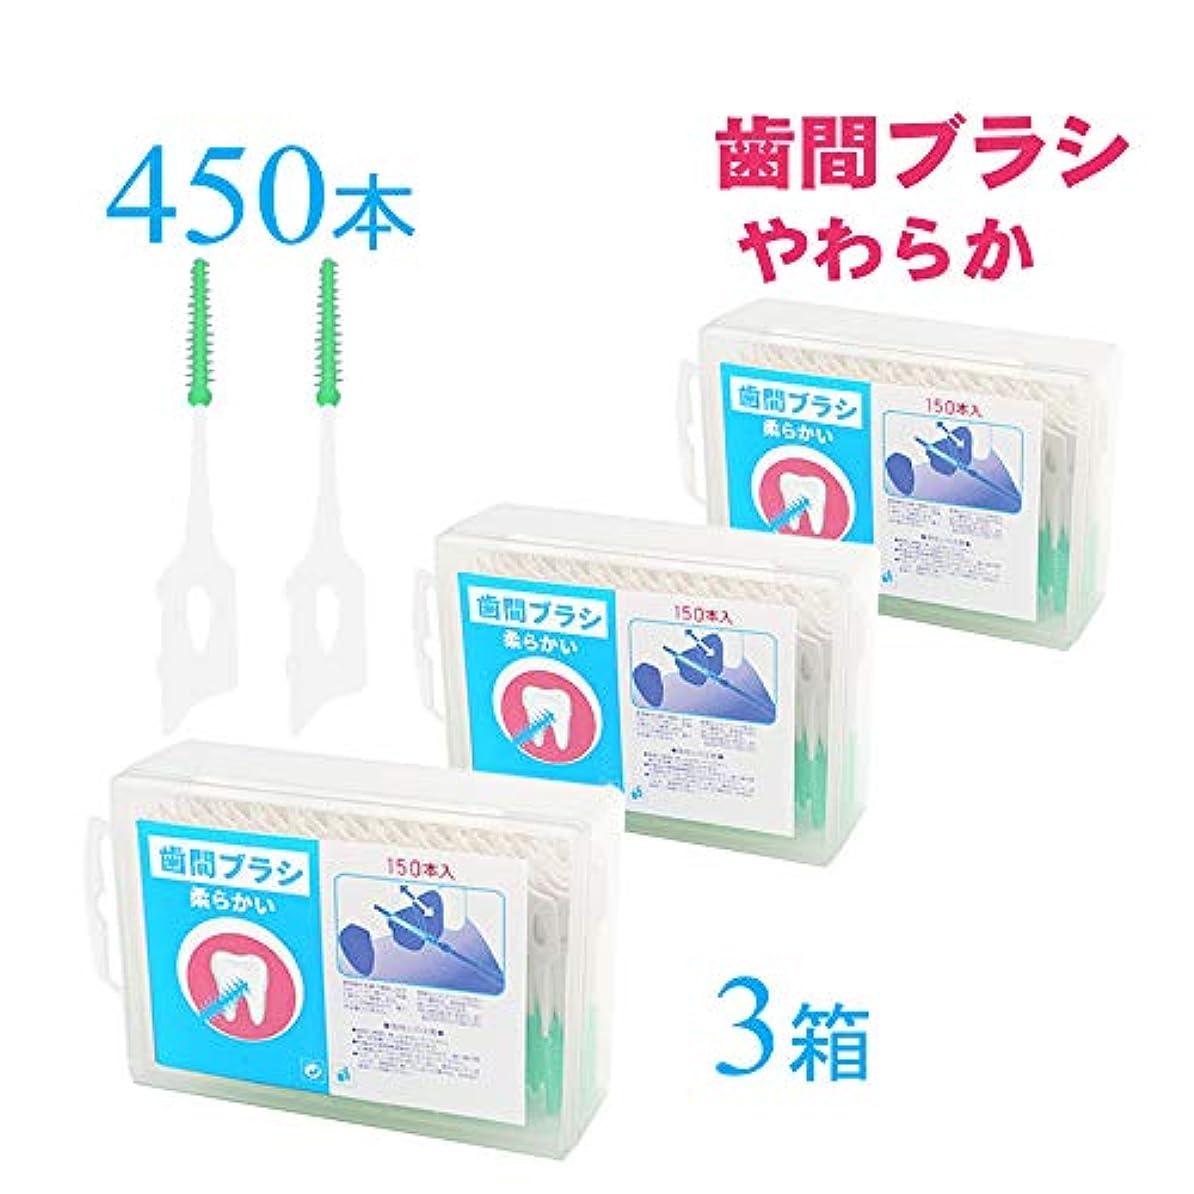 偏差奨励石炭歯間ブラシ I字型 SSS-S 3箱×150本 (計450本入) やわらか ゴムタイプ 無香料 極細タイプ 歯周プロケア 歯間清掃 歯垢対策 お徳用 携帯用